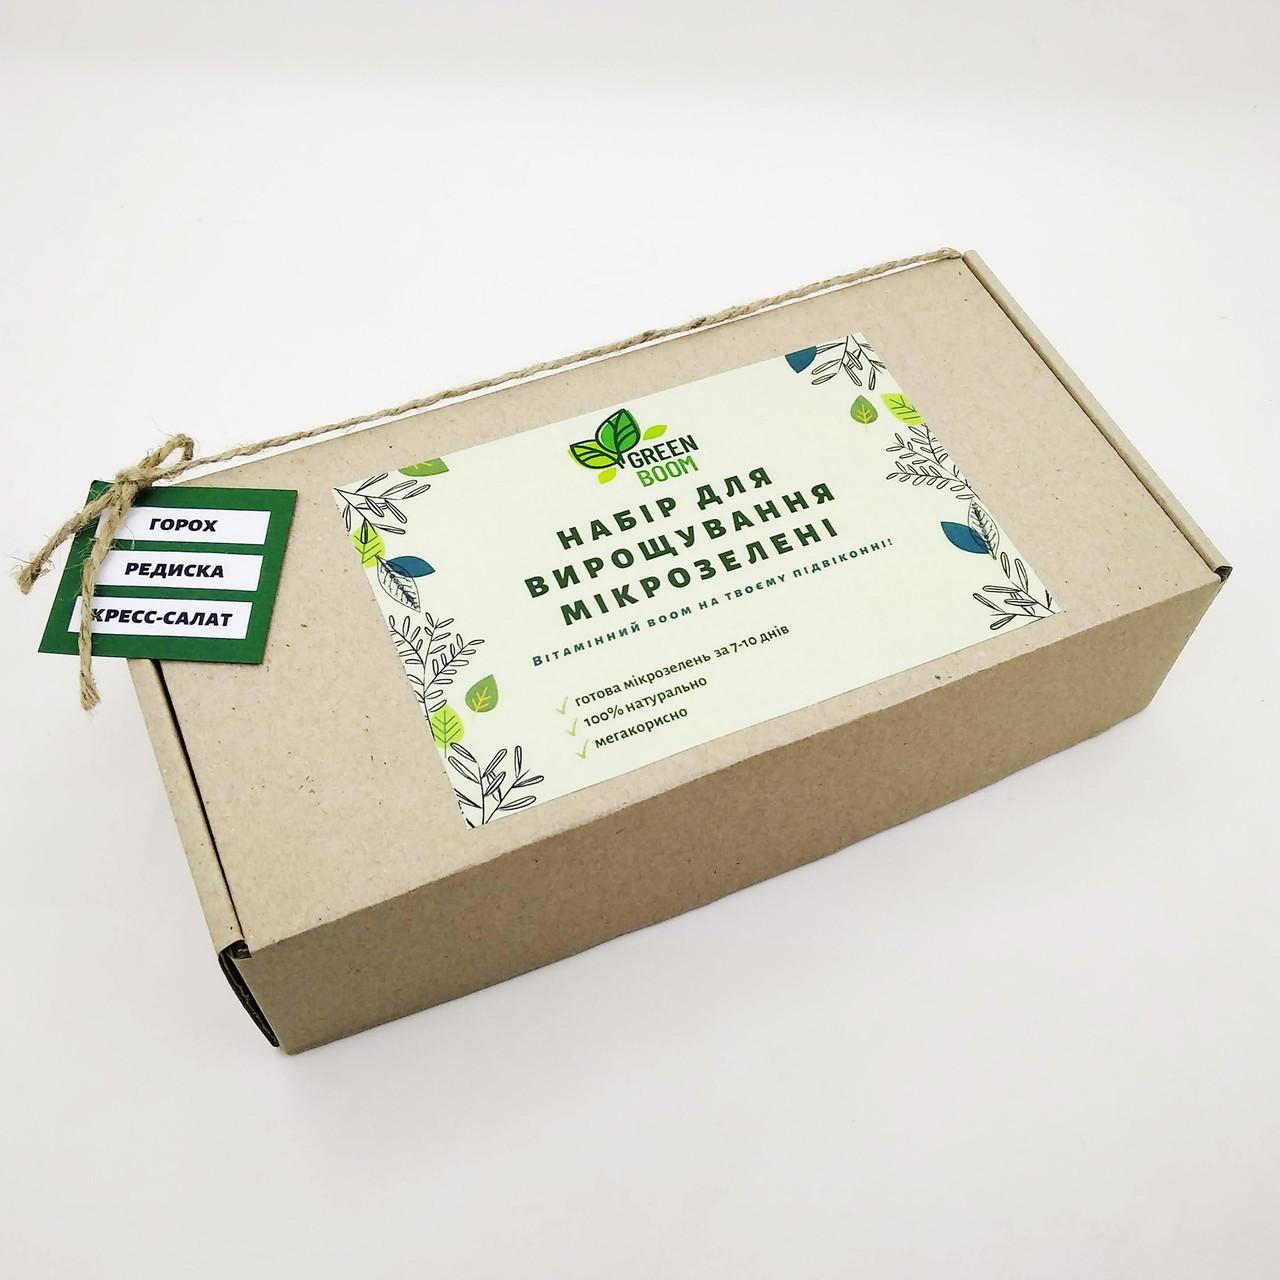 Набор для выращивания микрозелени в домашних условиях. Горох, Редиска, Кресс-салат